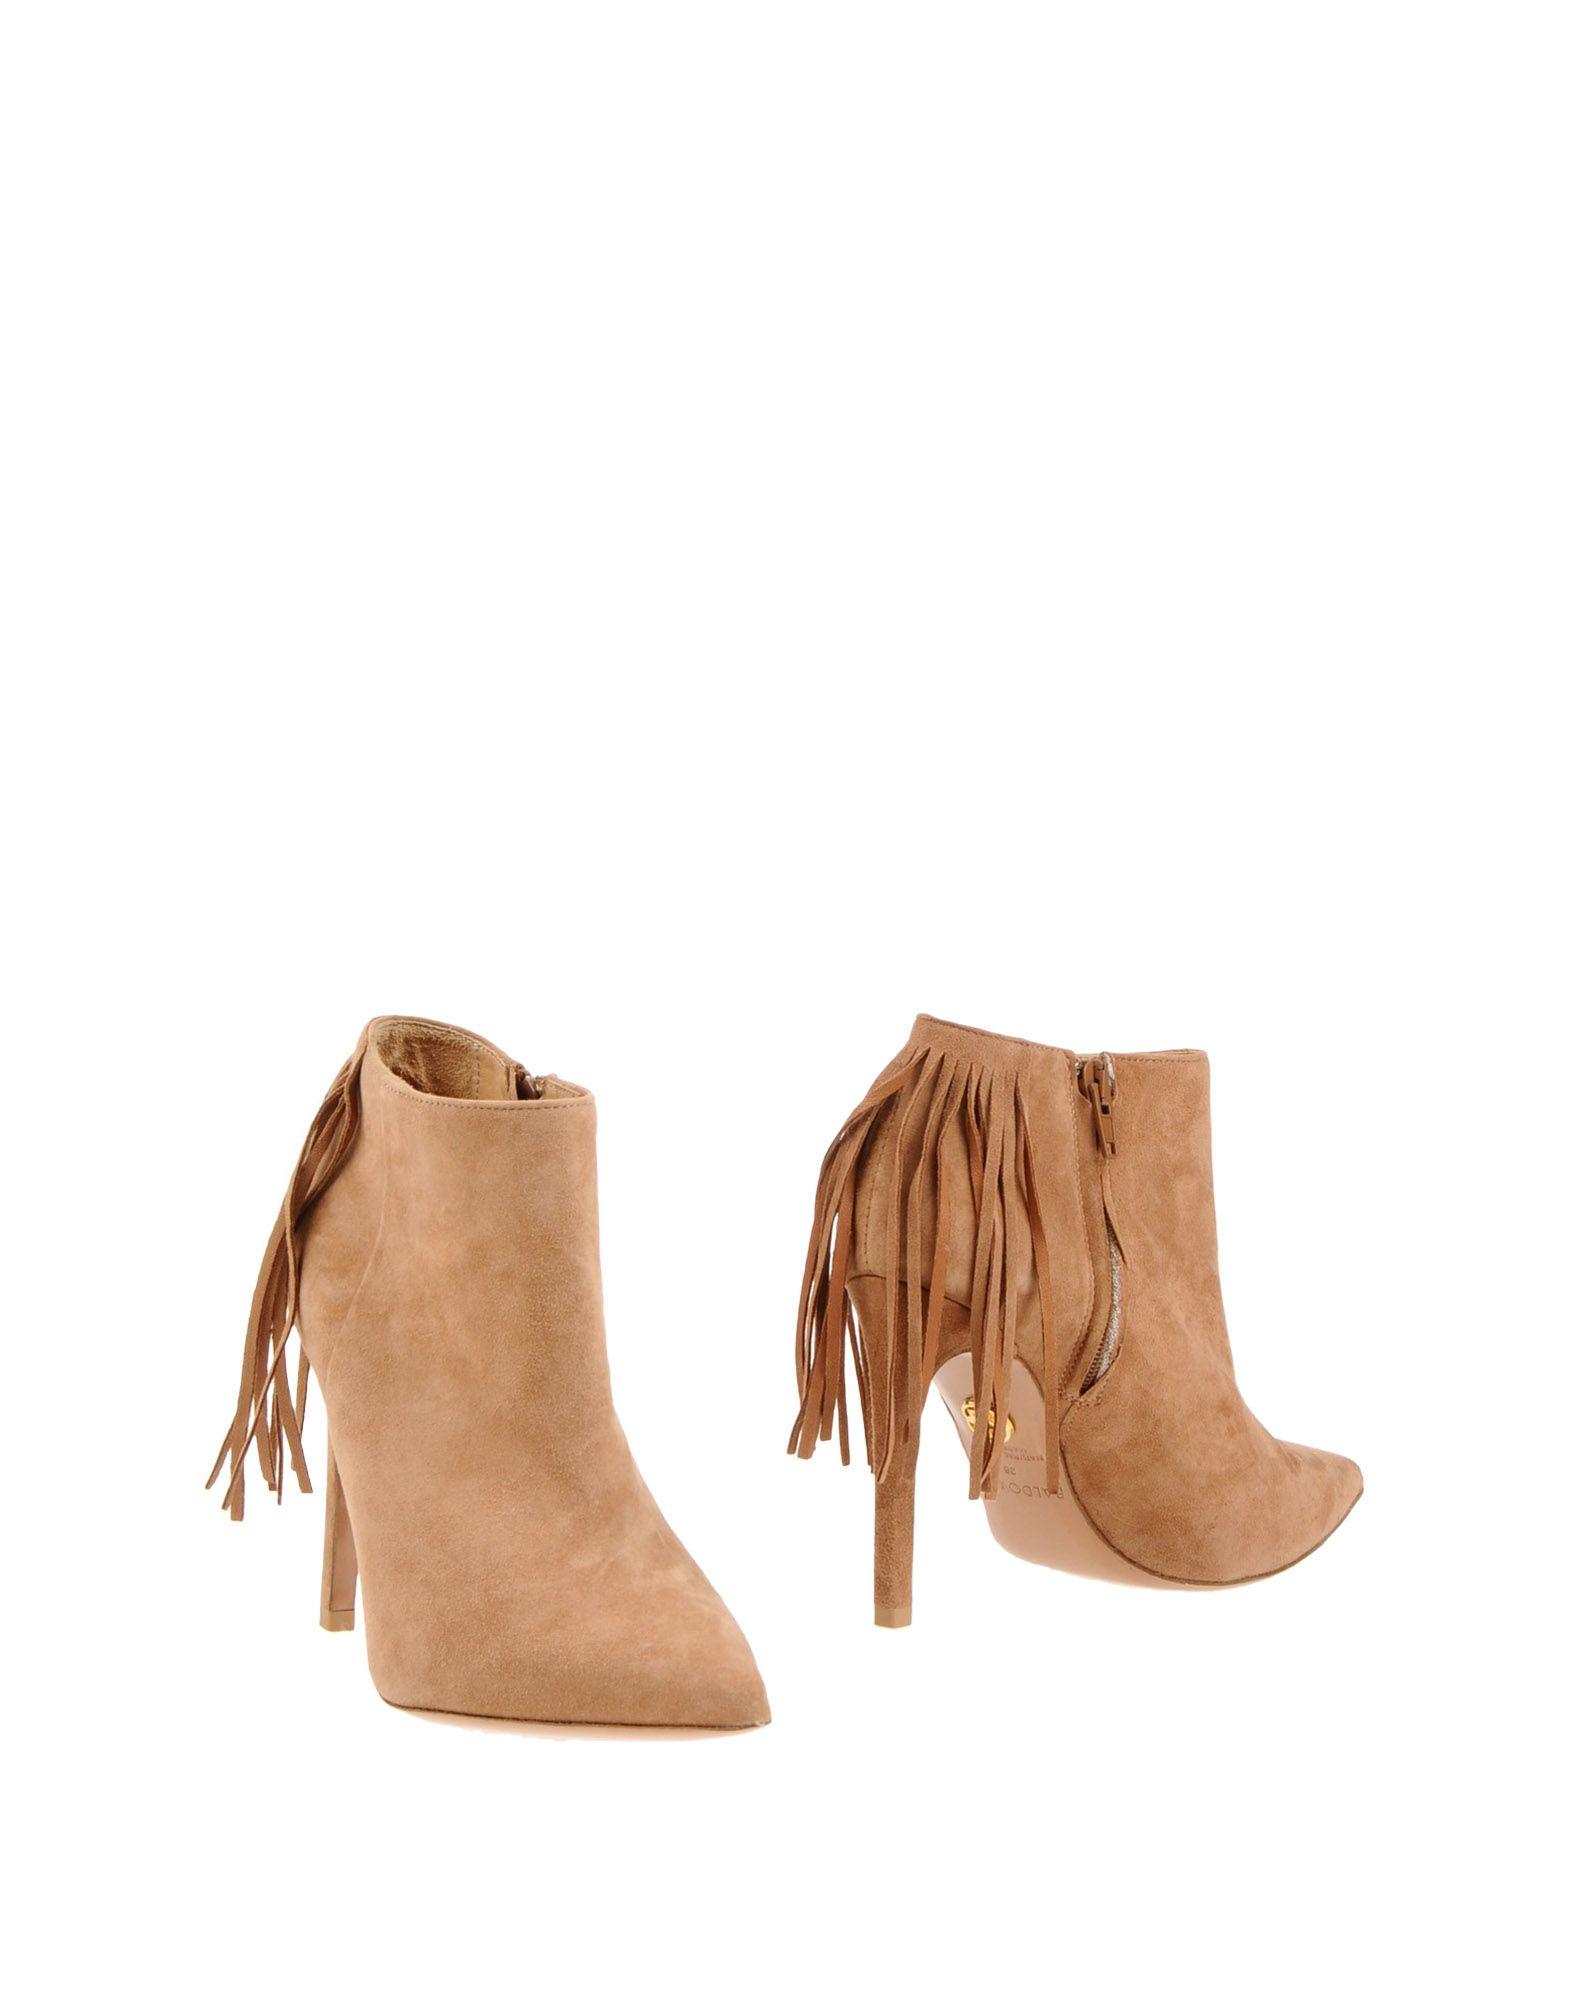 Baldowski Stiefelette Damen  11400047VK Gute Qualität beliebte Schuhe